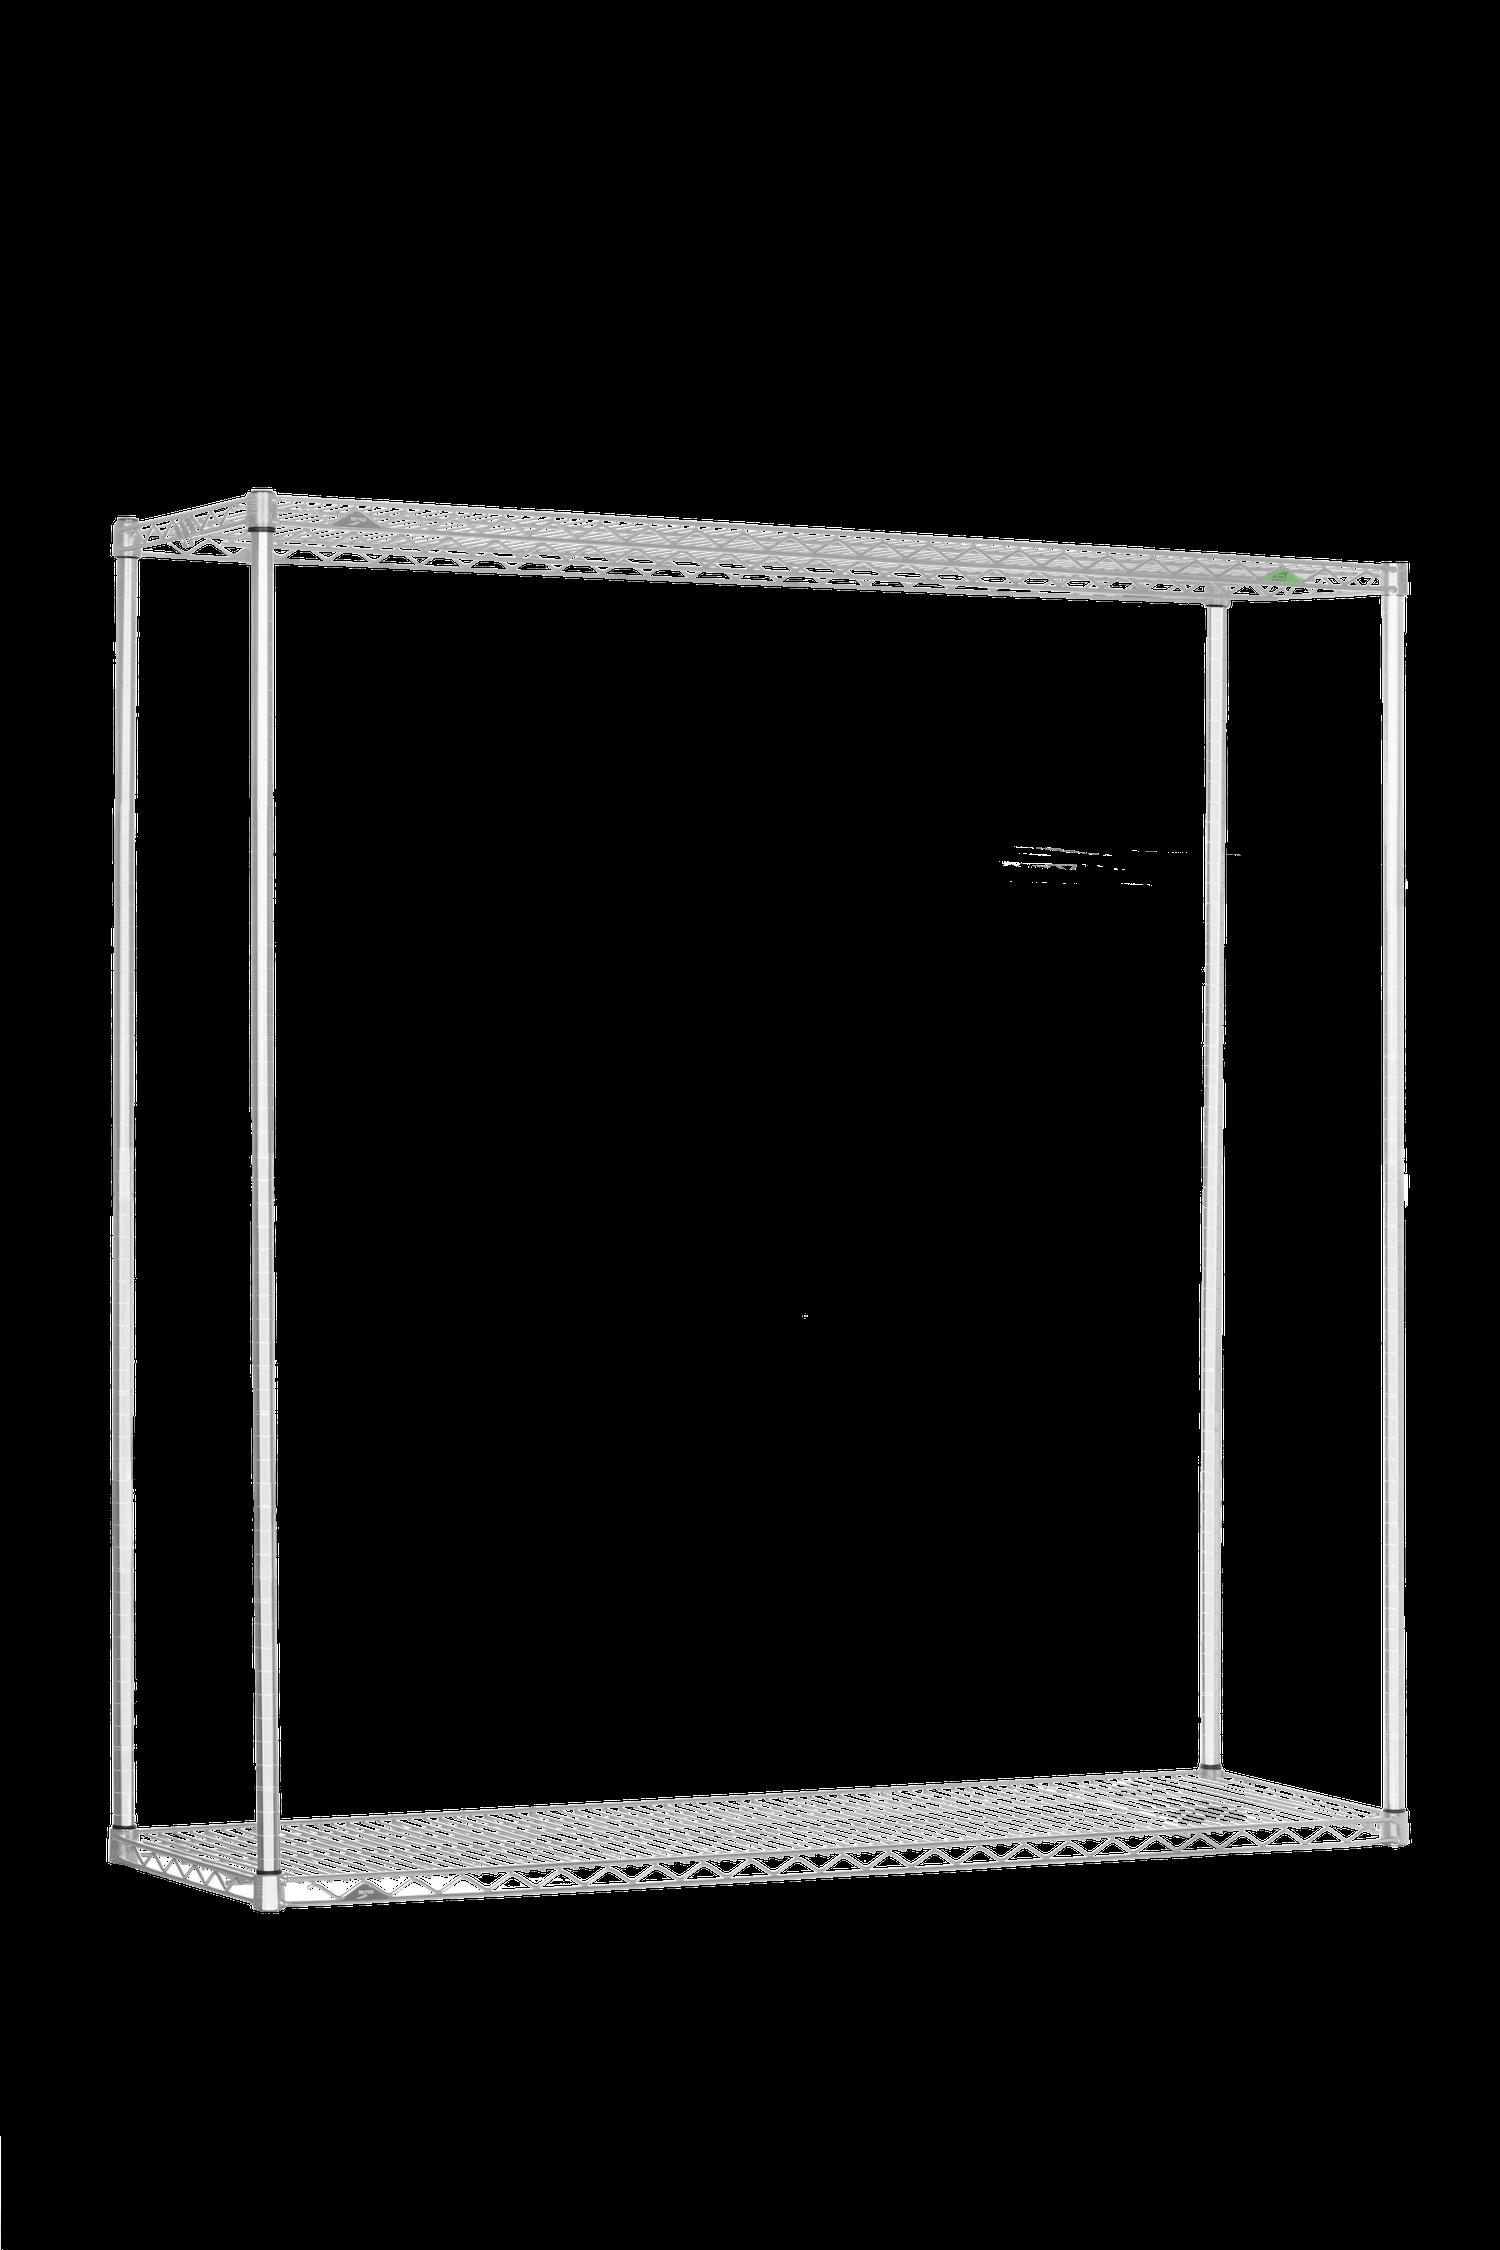 457x1220mm, 18x48 inch